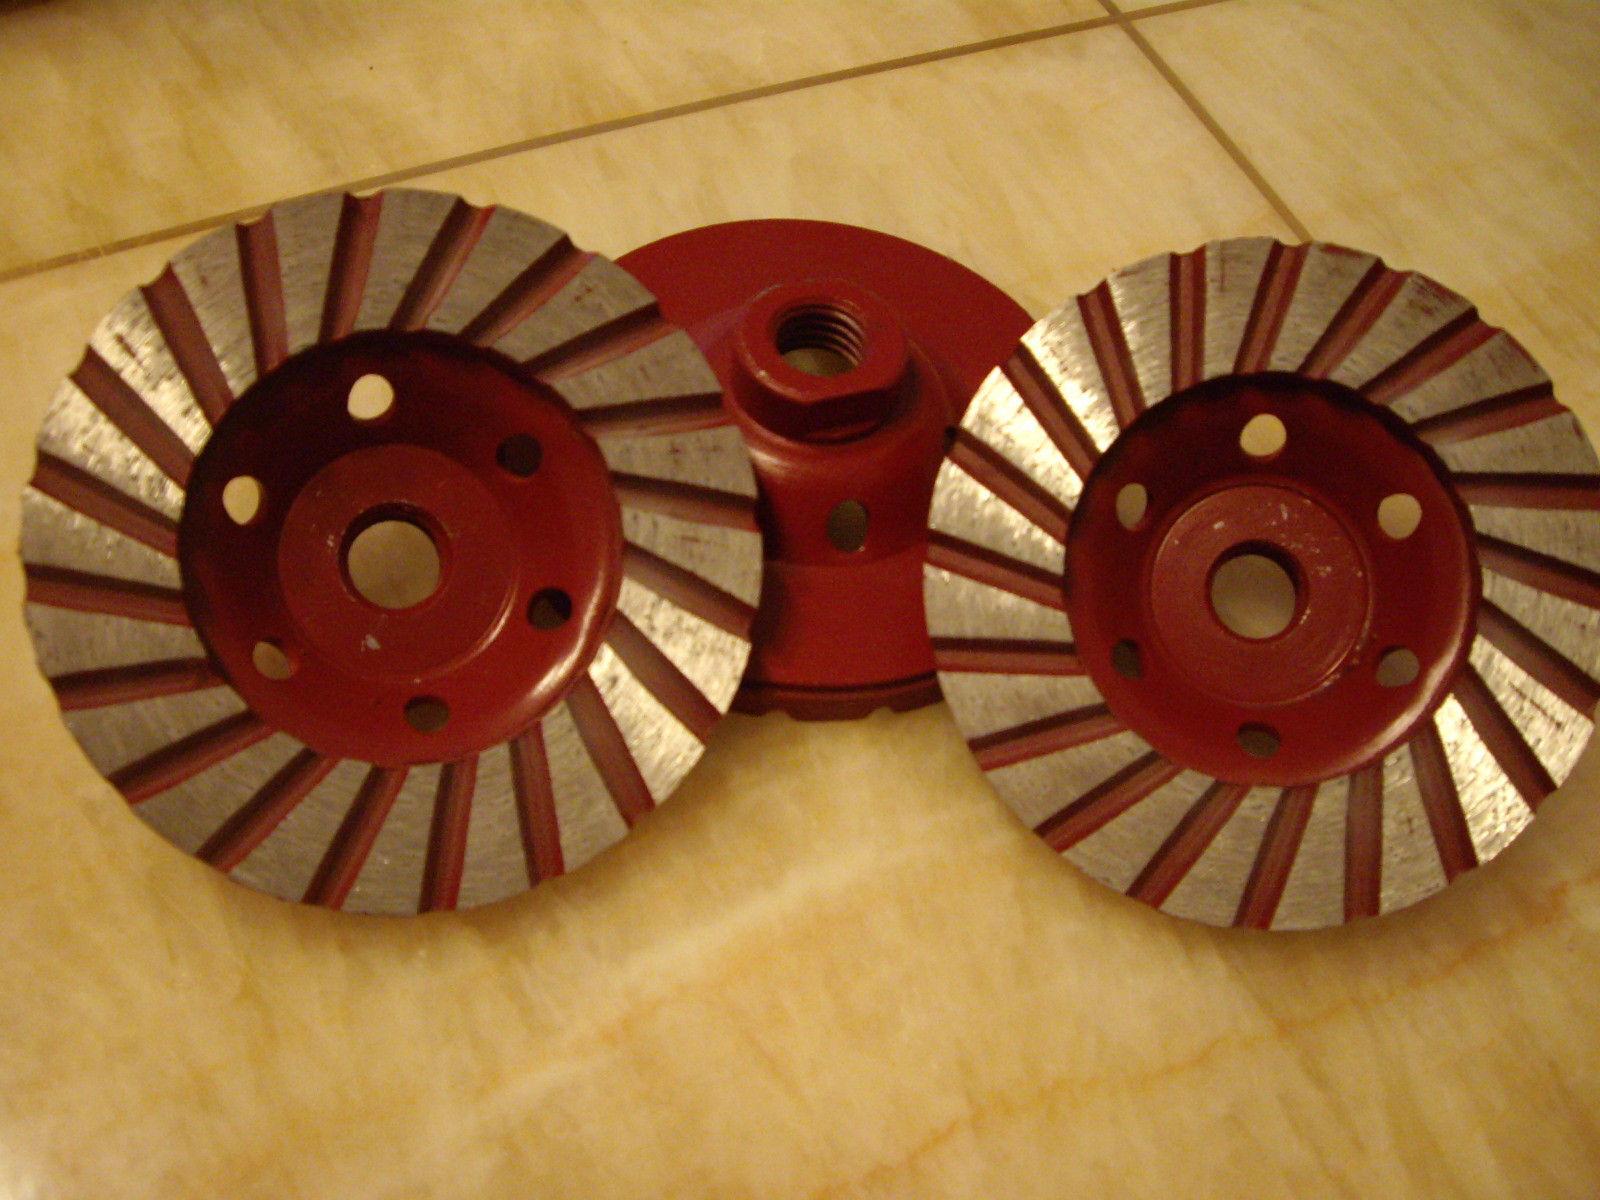 4 Inch Diamond Turbo Cup wheel 8 PIECES Coarse Grinding Granite Stone Concrete